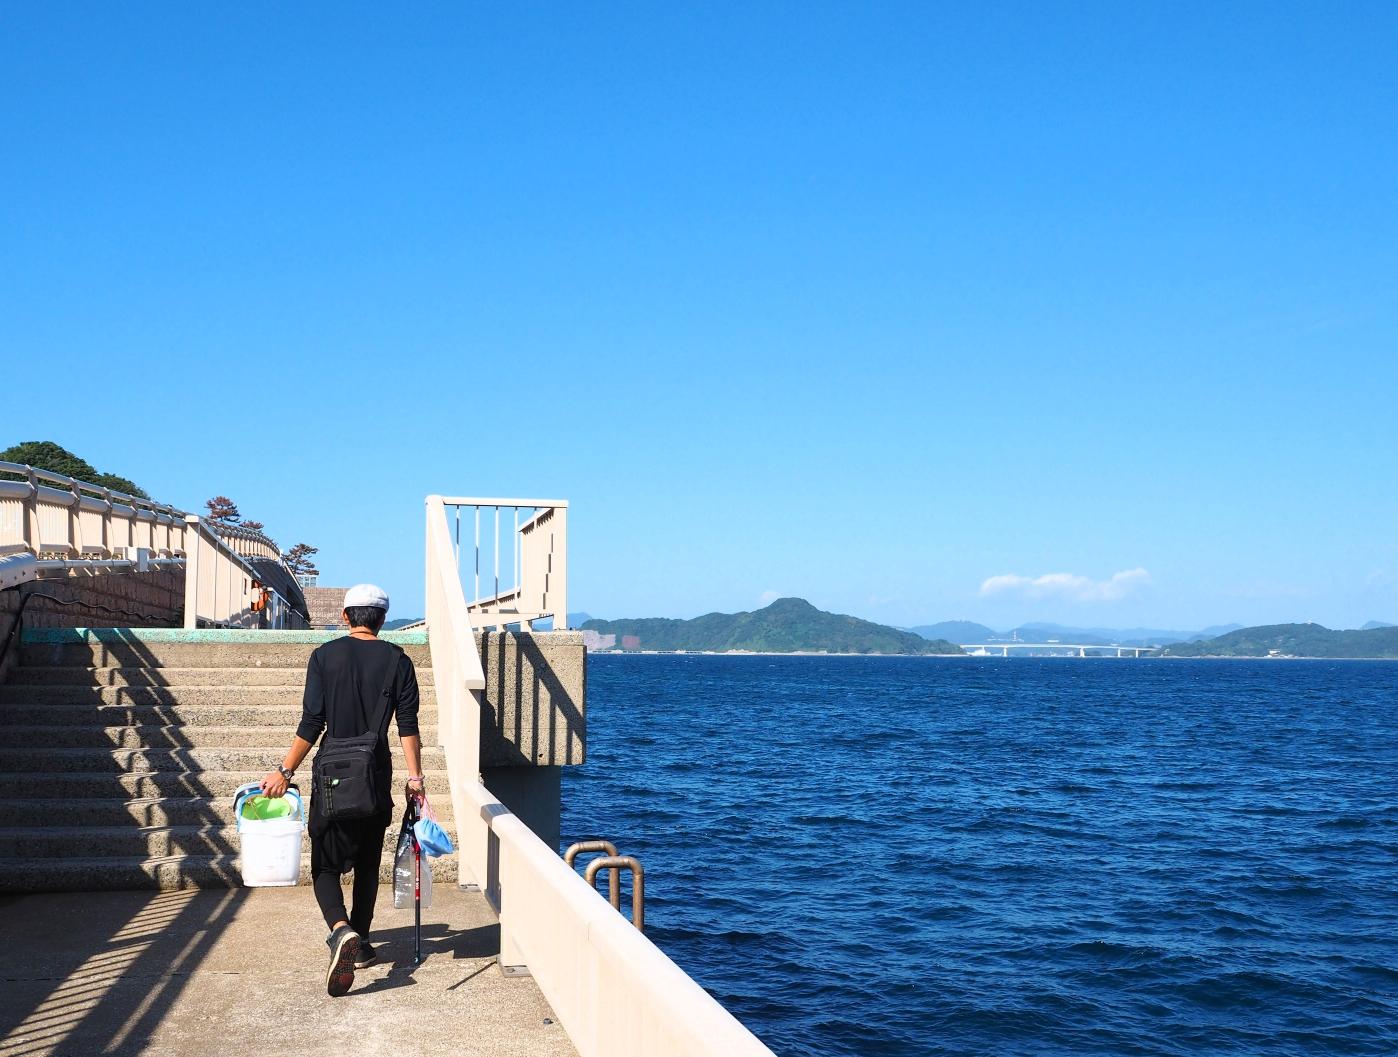 【釣り初心者向け】簡単・誰でも釣れる!飛島磯釣り公園でお手軽小アジ釣り♪